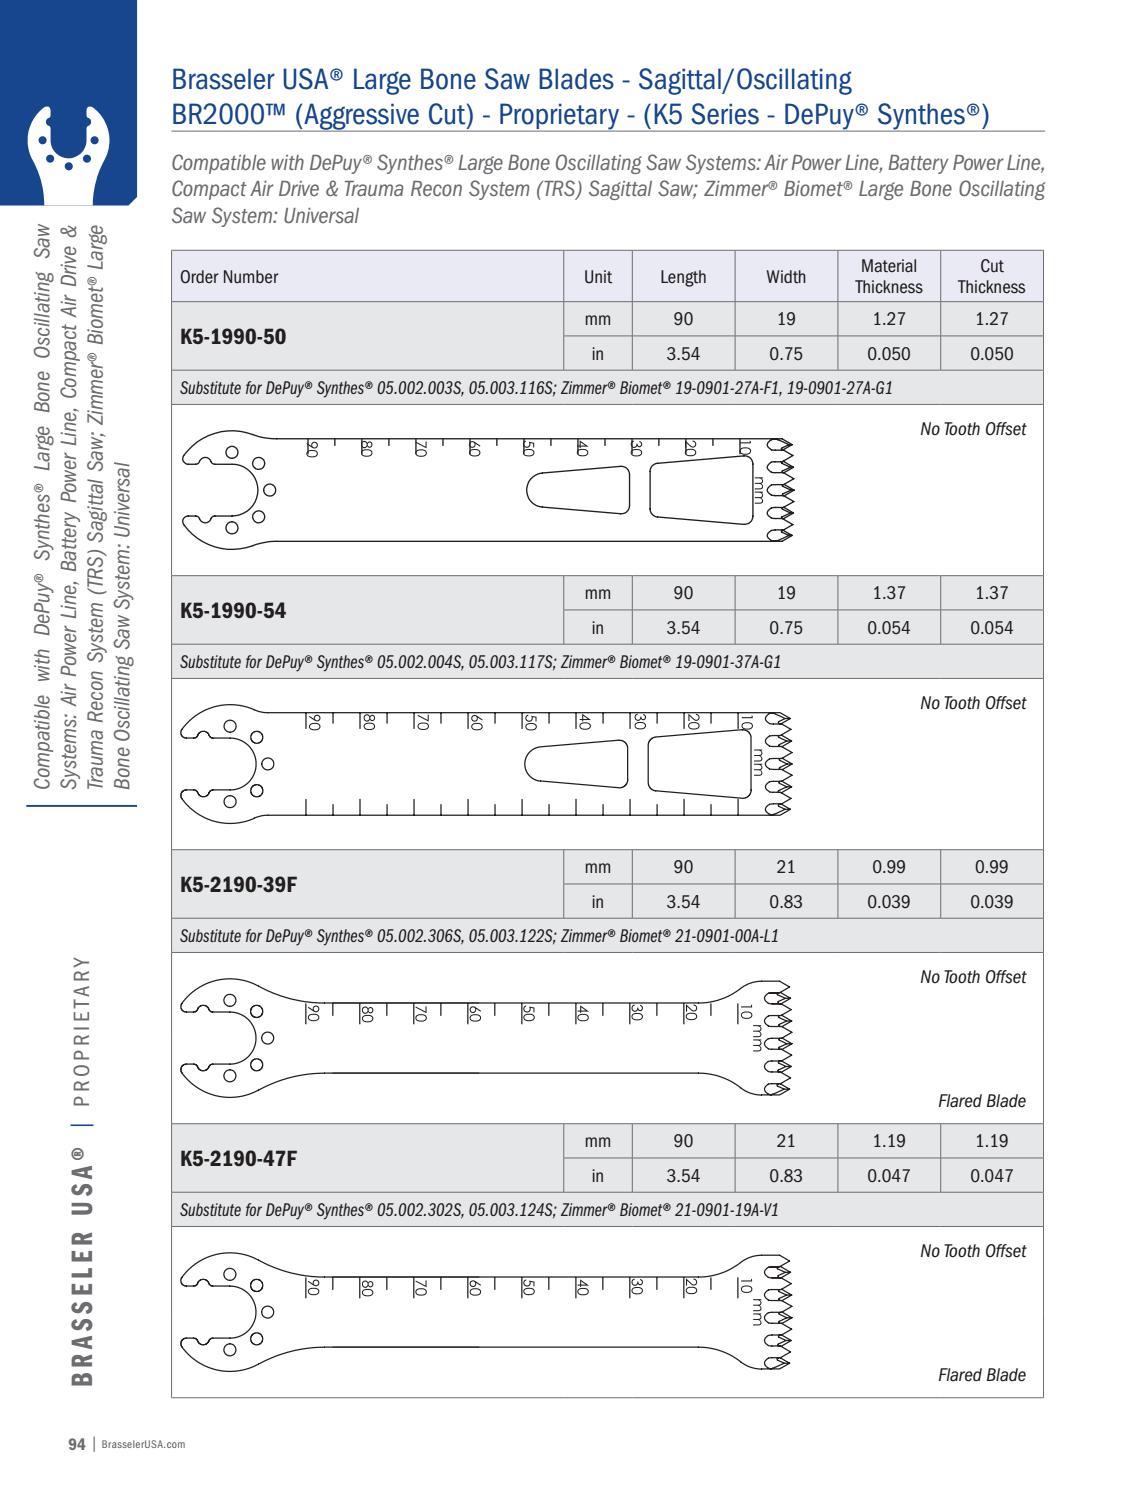 10x vr37000002205ja100 Résistance METAL Glaze THT 22mω 0,5 W ± 5/% ø4x10mm